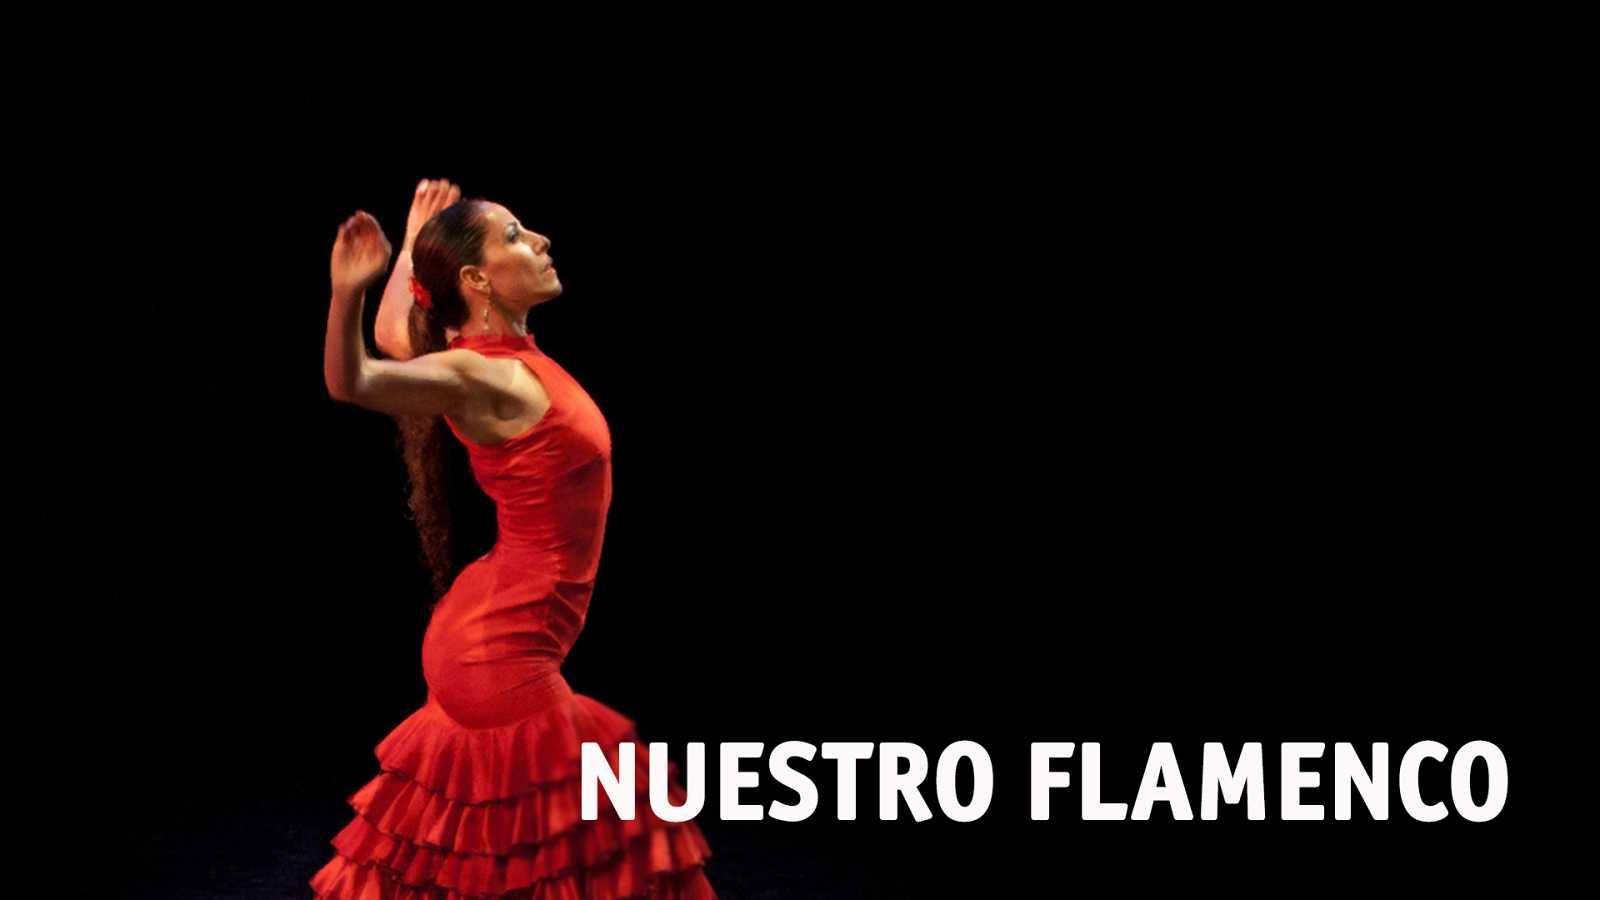 Nuestro flamenco - Los cantes de Pepe el de la Matrona - 09/05/17 - escuchar ahora